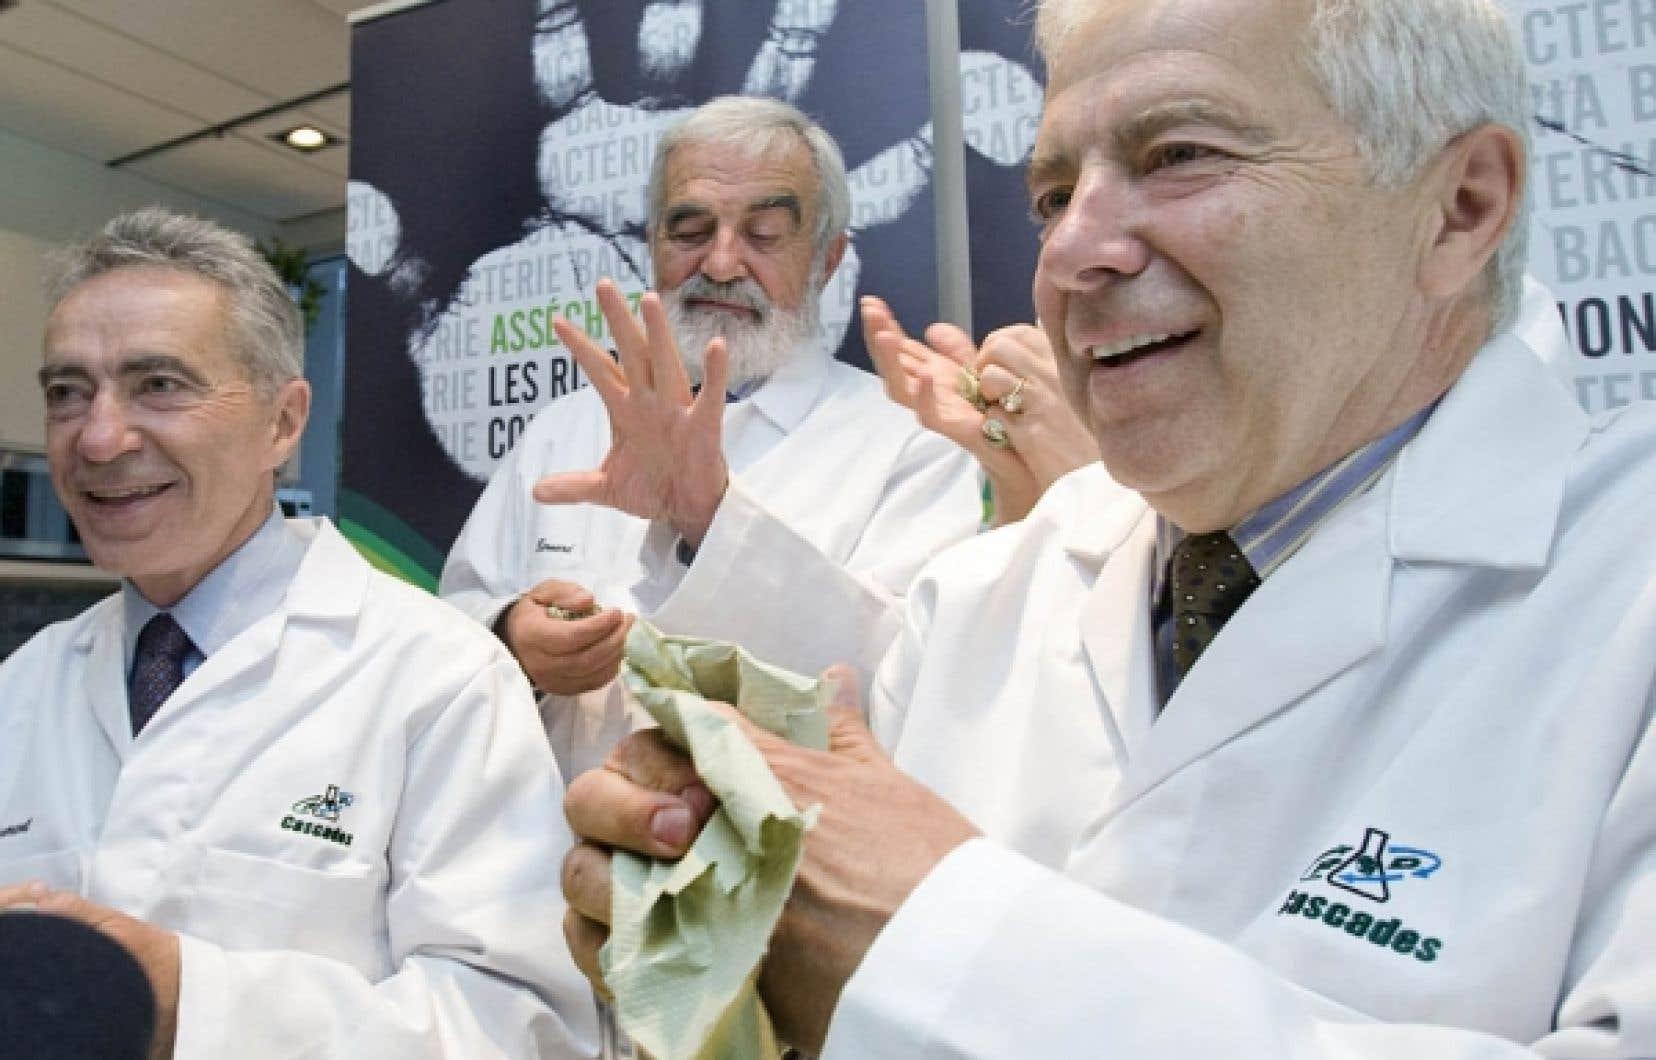 Les trois principaux dirigeants de Cascades, Laurent, Bernard et Alain Lemaire